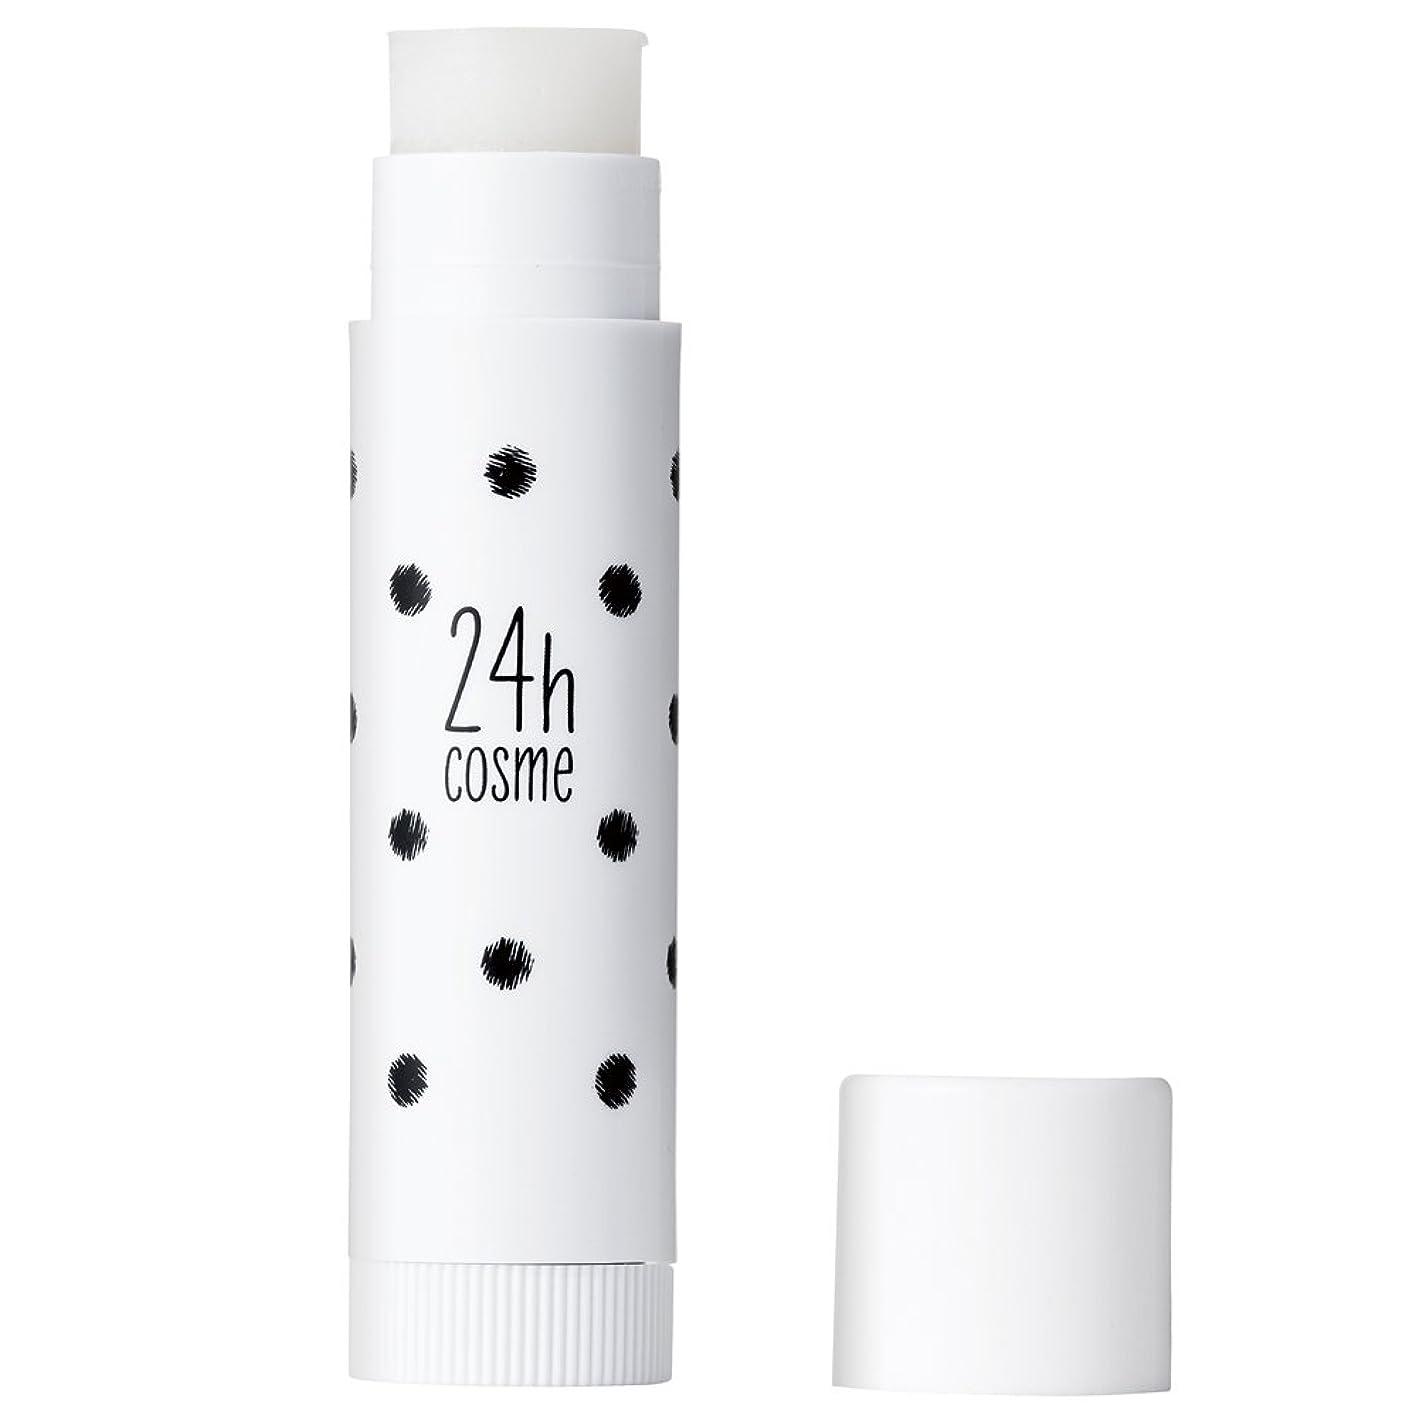 コミュニケーションサロン今後24h cosme 24 ナチュラルリップクリーム